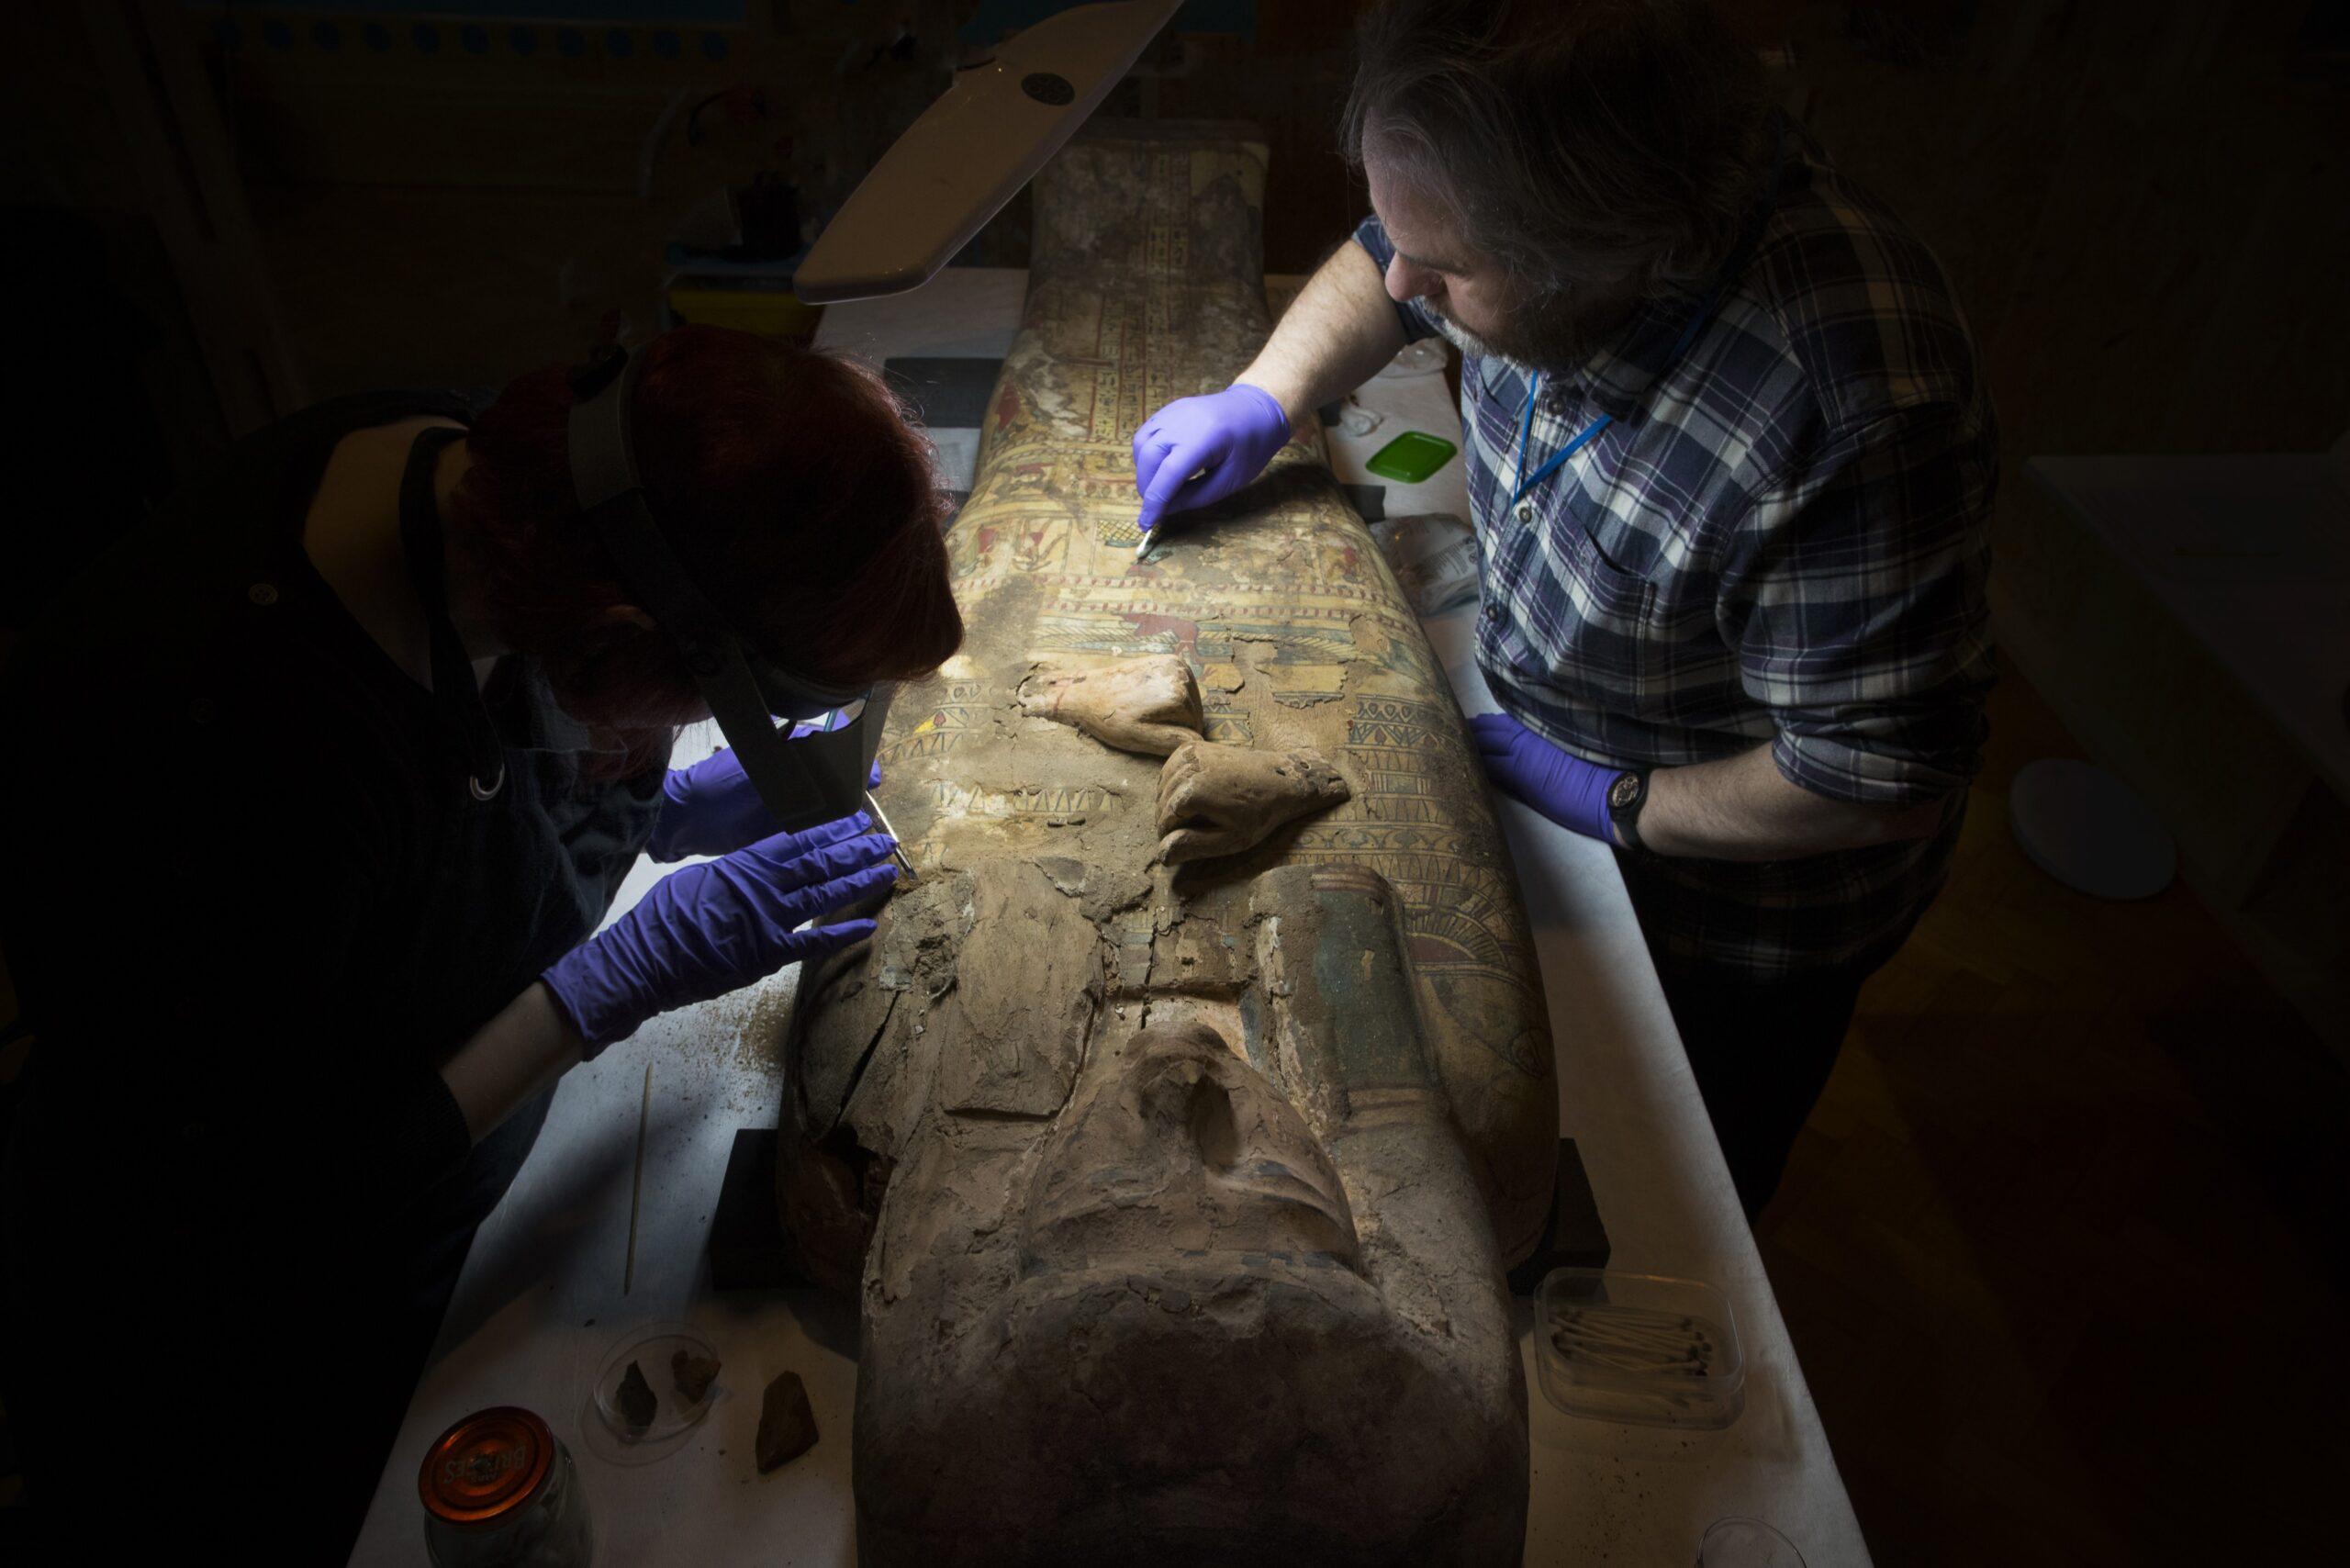 Pintura de deusa egípcia é encontrada em sarcófago de 3 mil anos